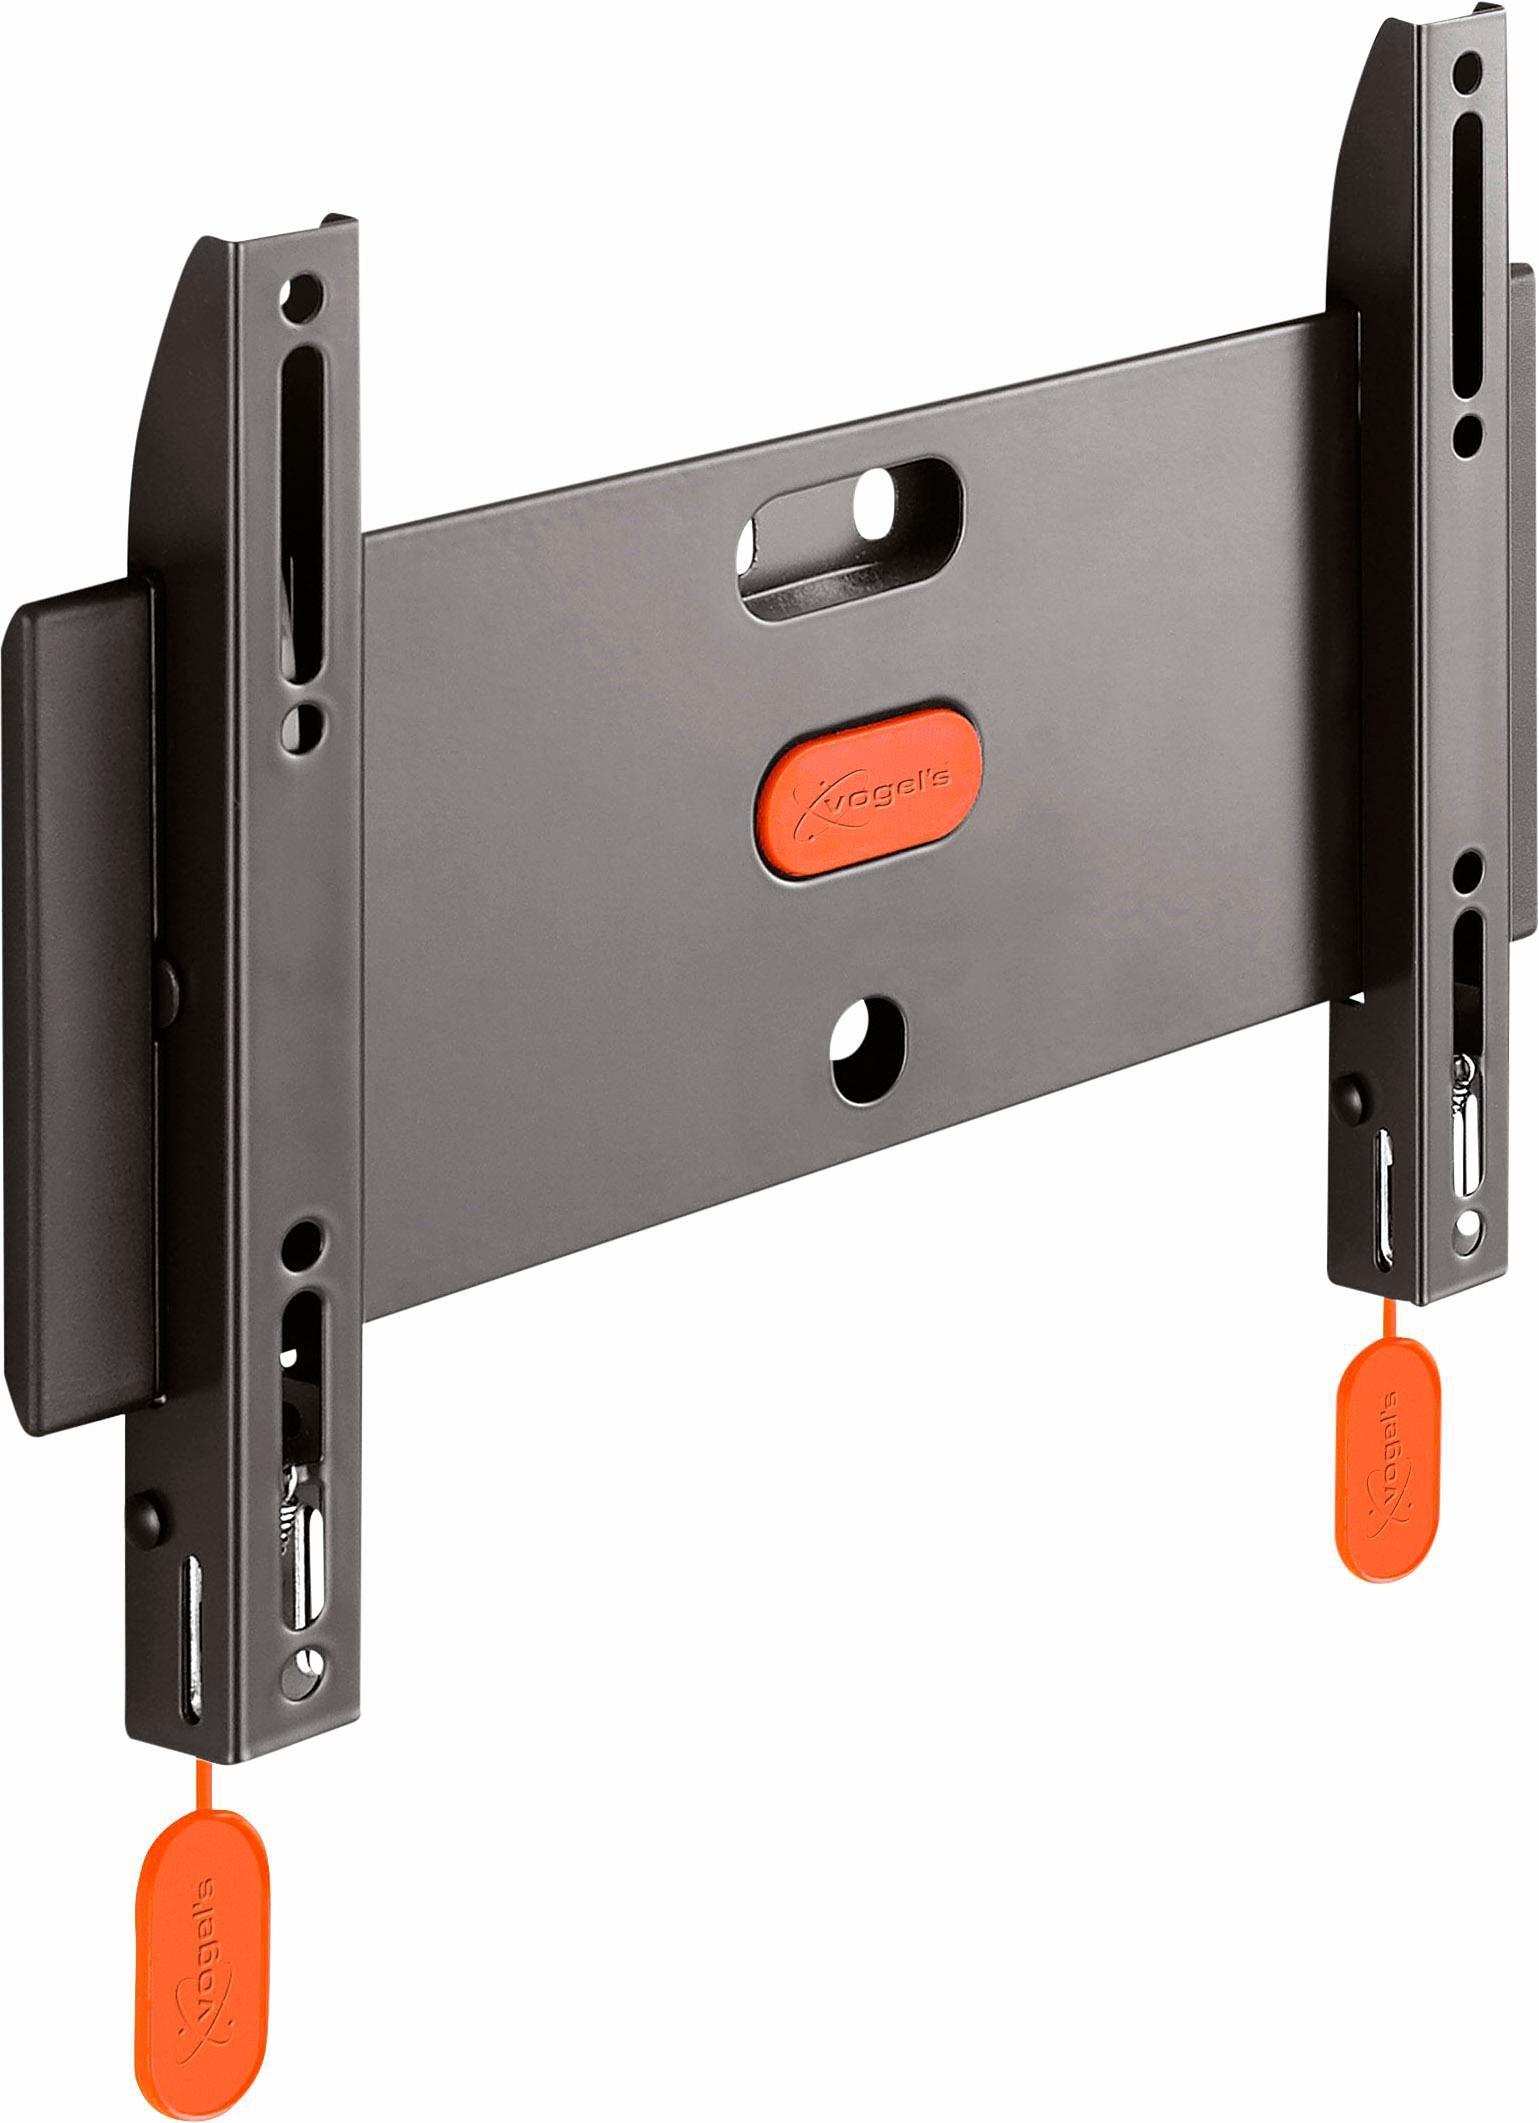 vogel's® TV-Wandhalterung »BASE 05 S« starr, für 48-94 cm (19-37 Zoll) Fernseher, VESA 200x200